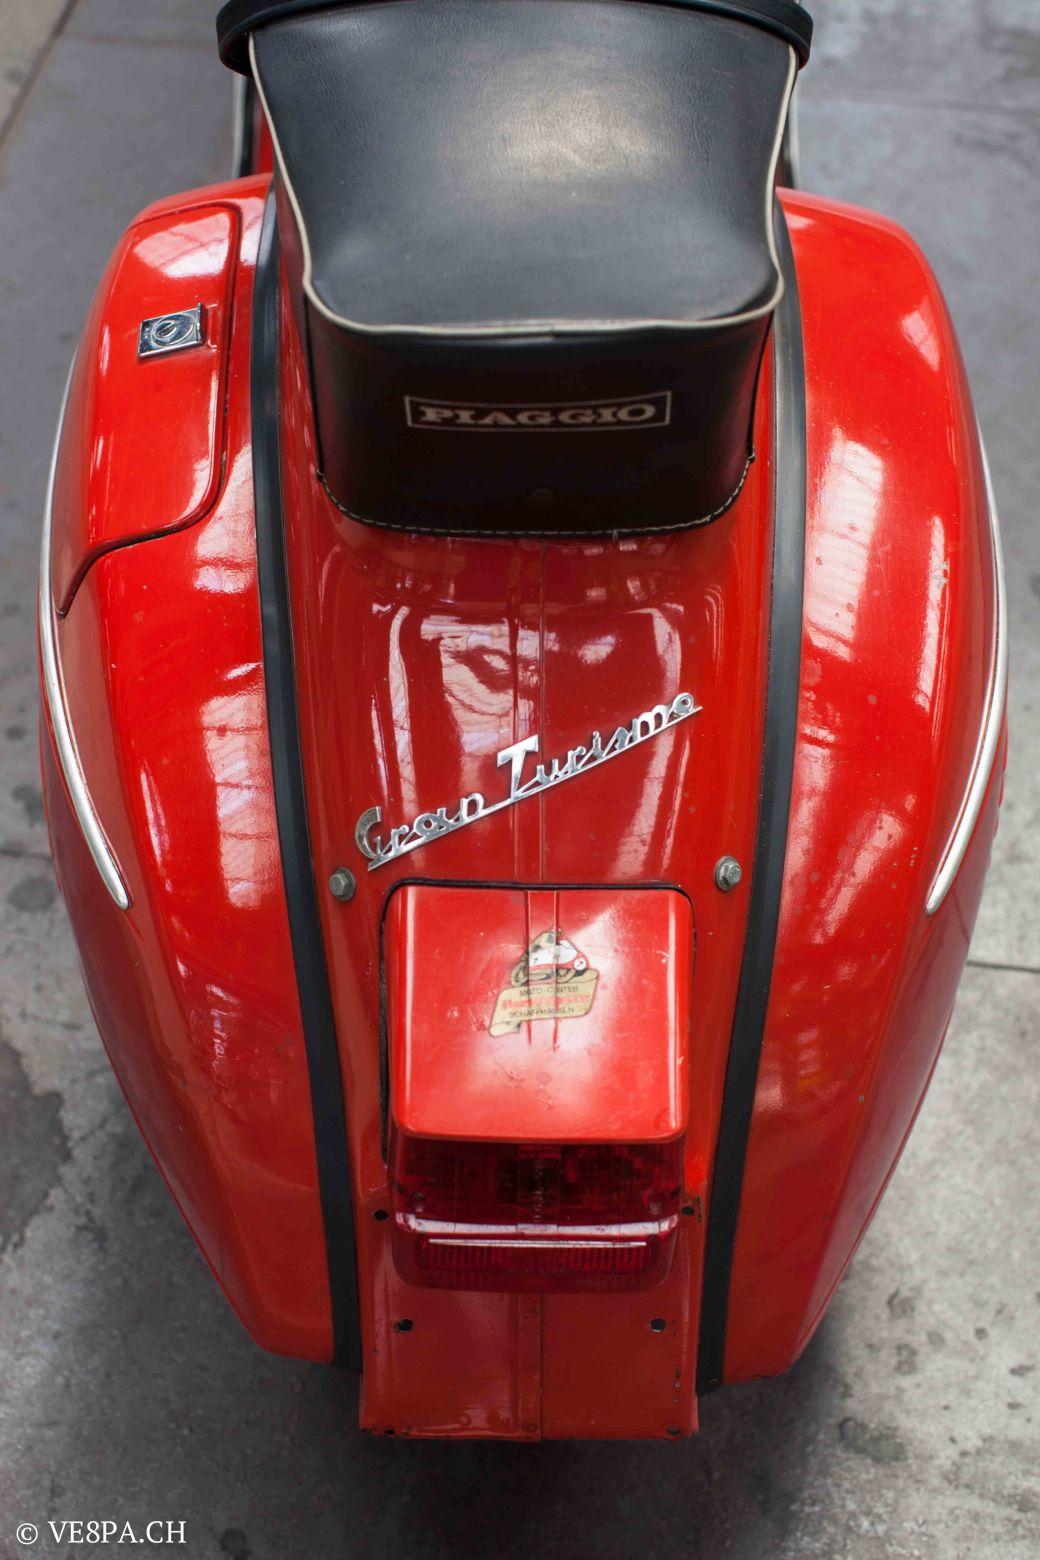 Vespa GTR (Gran Turismo) 125, Rosso Corallo, Jg. 1972, im O-Lack, original Zustand - VE8PA.CH-43